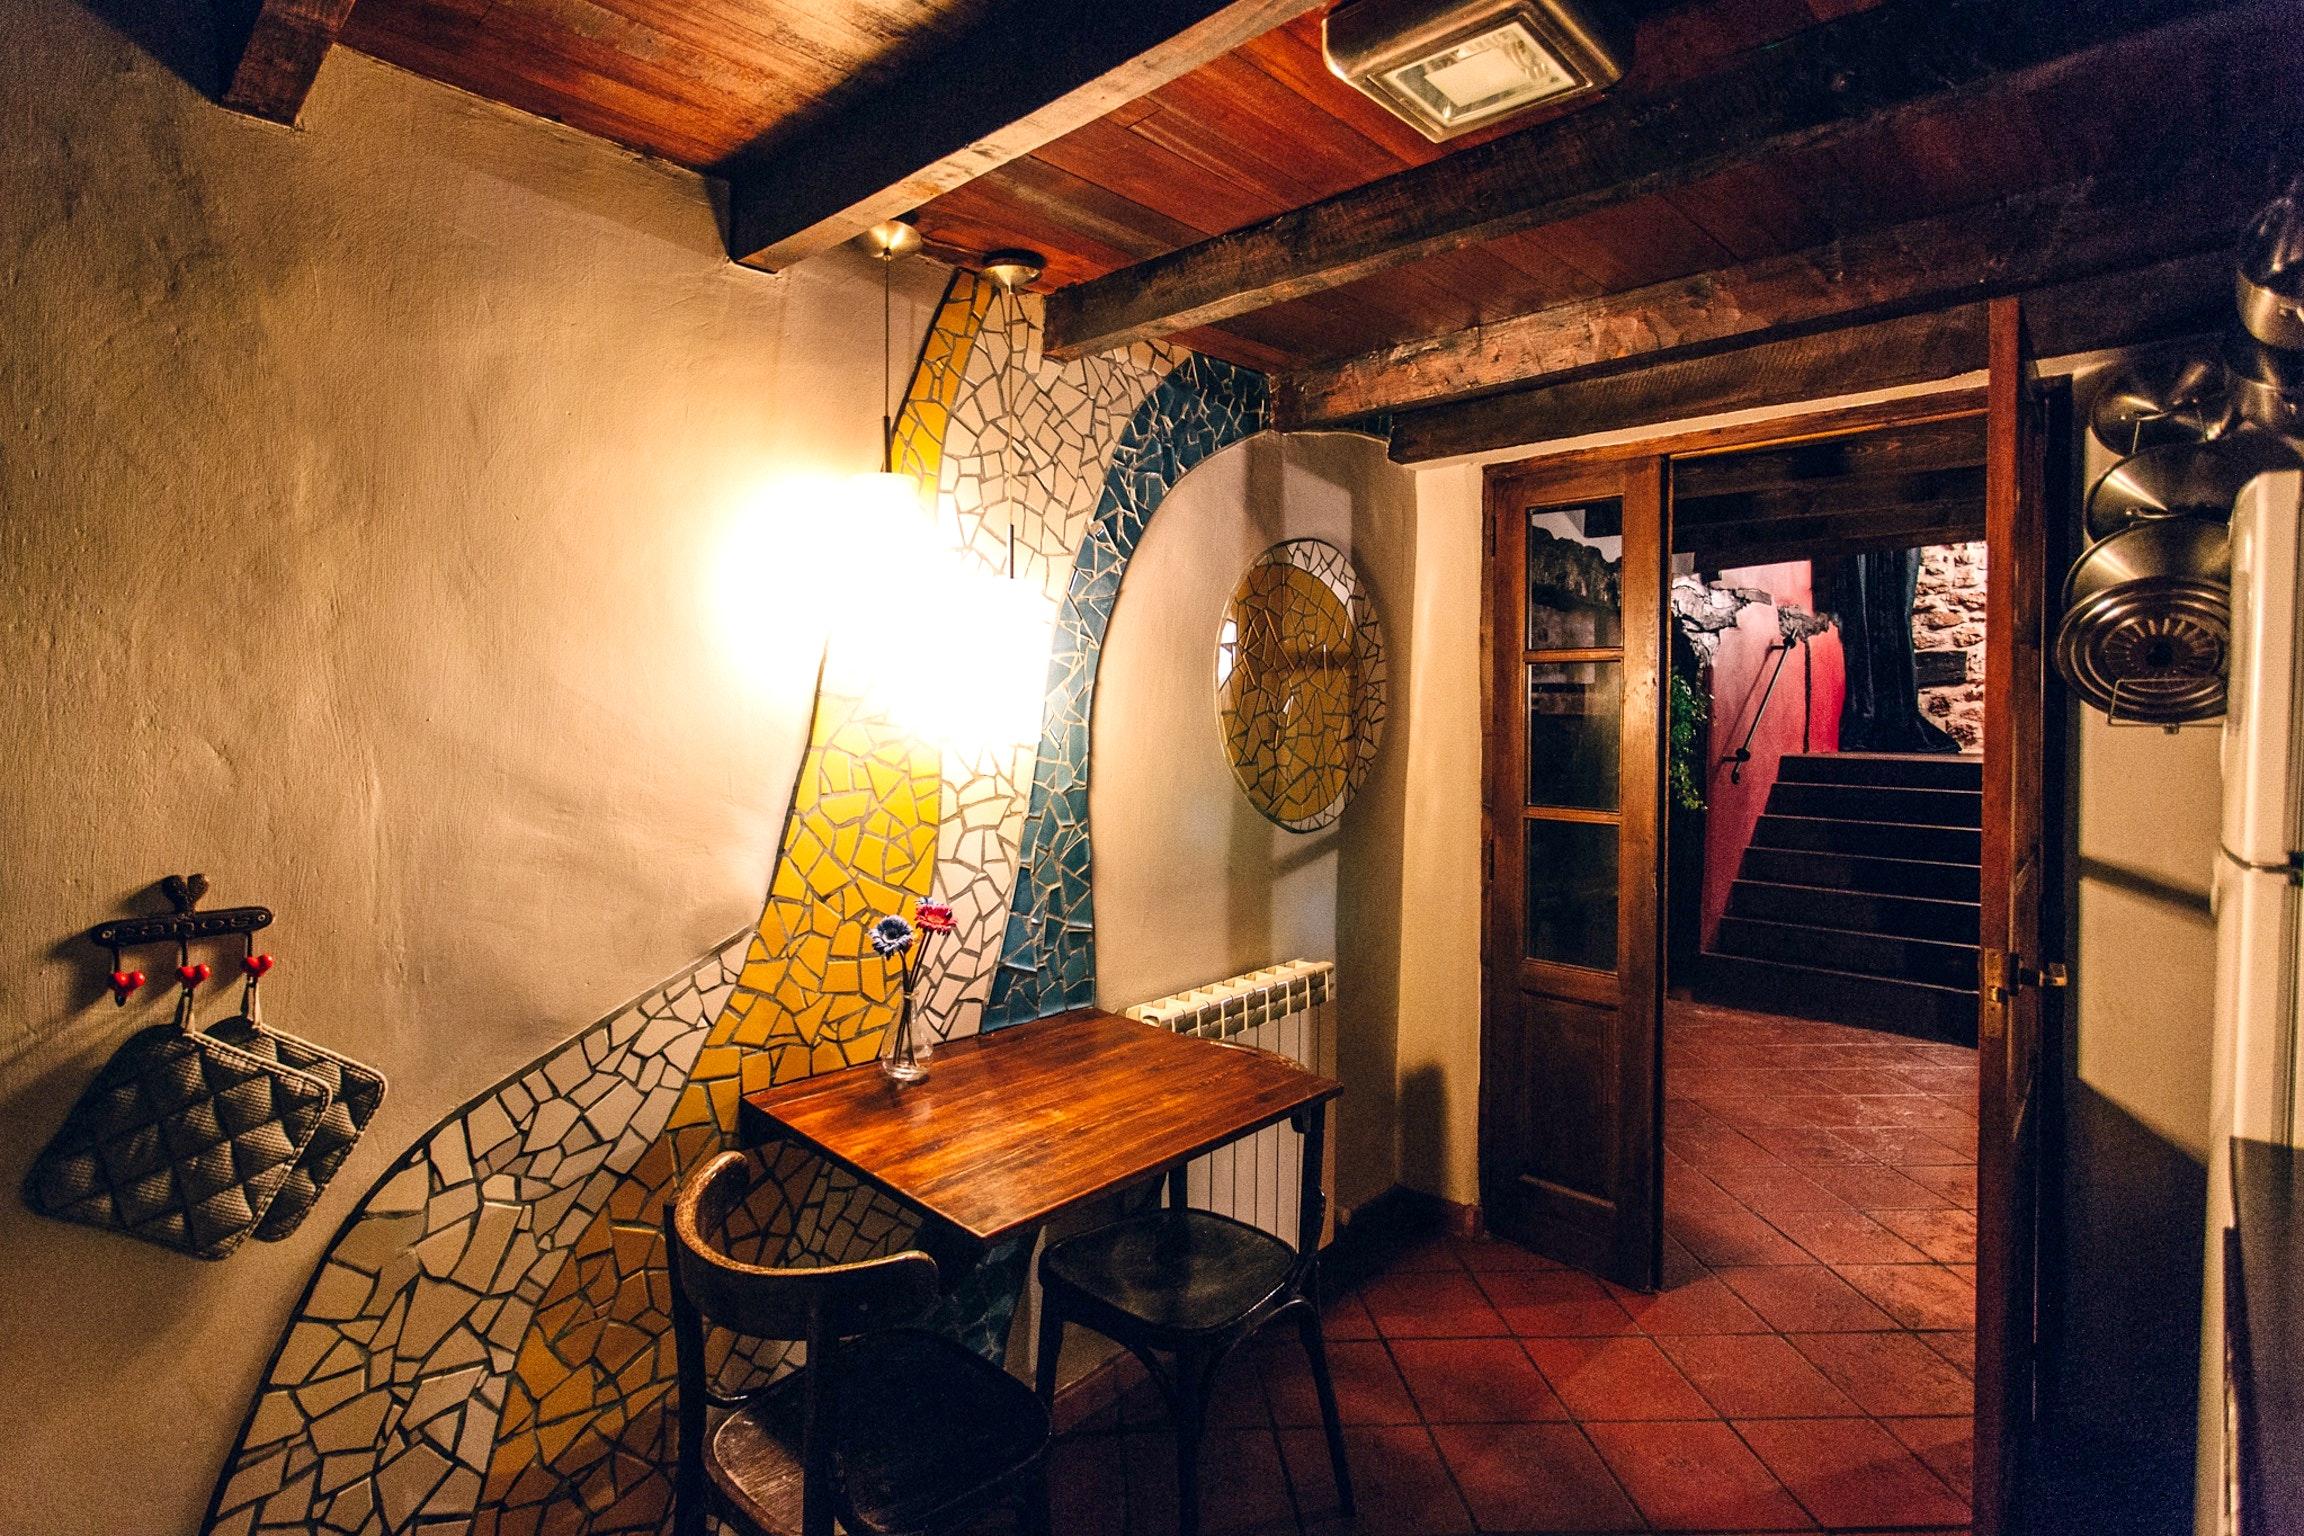 Ferienhaus Haus mit 5 Zimmern in Fuenteodra mit toller Aussicht auf die Berge, eingezäuntem Garten un (2211142), Fuenteodra, Burgos, Kastilien-León, Spanien, Bild 33